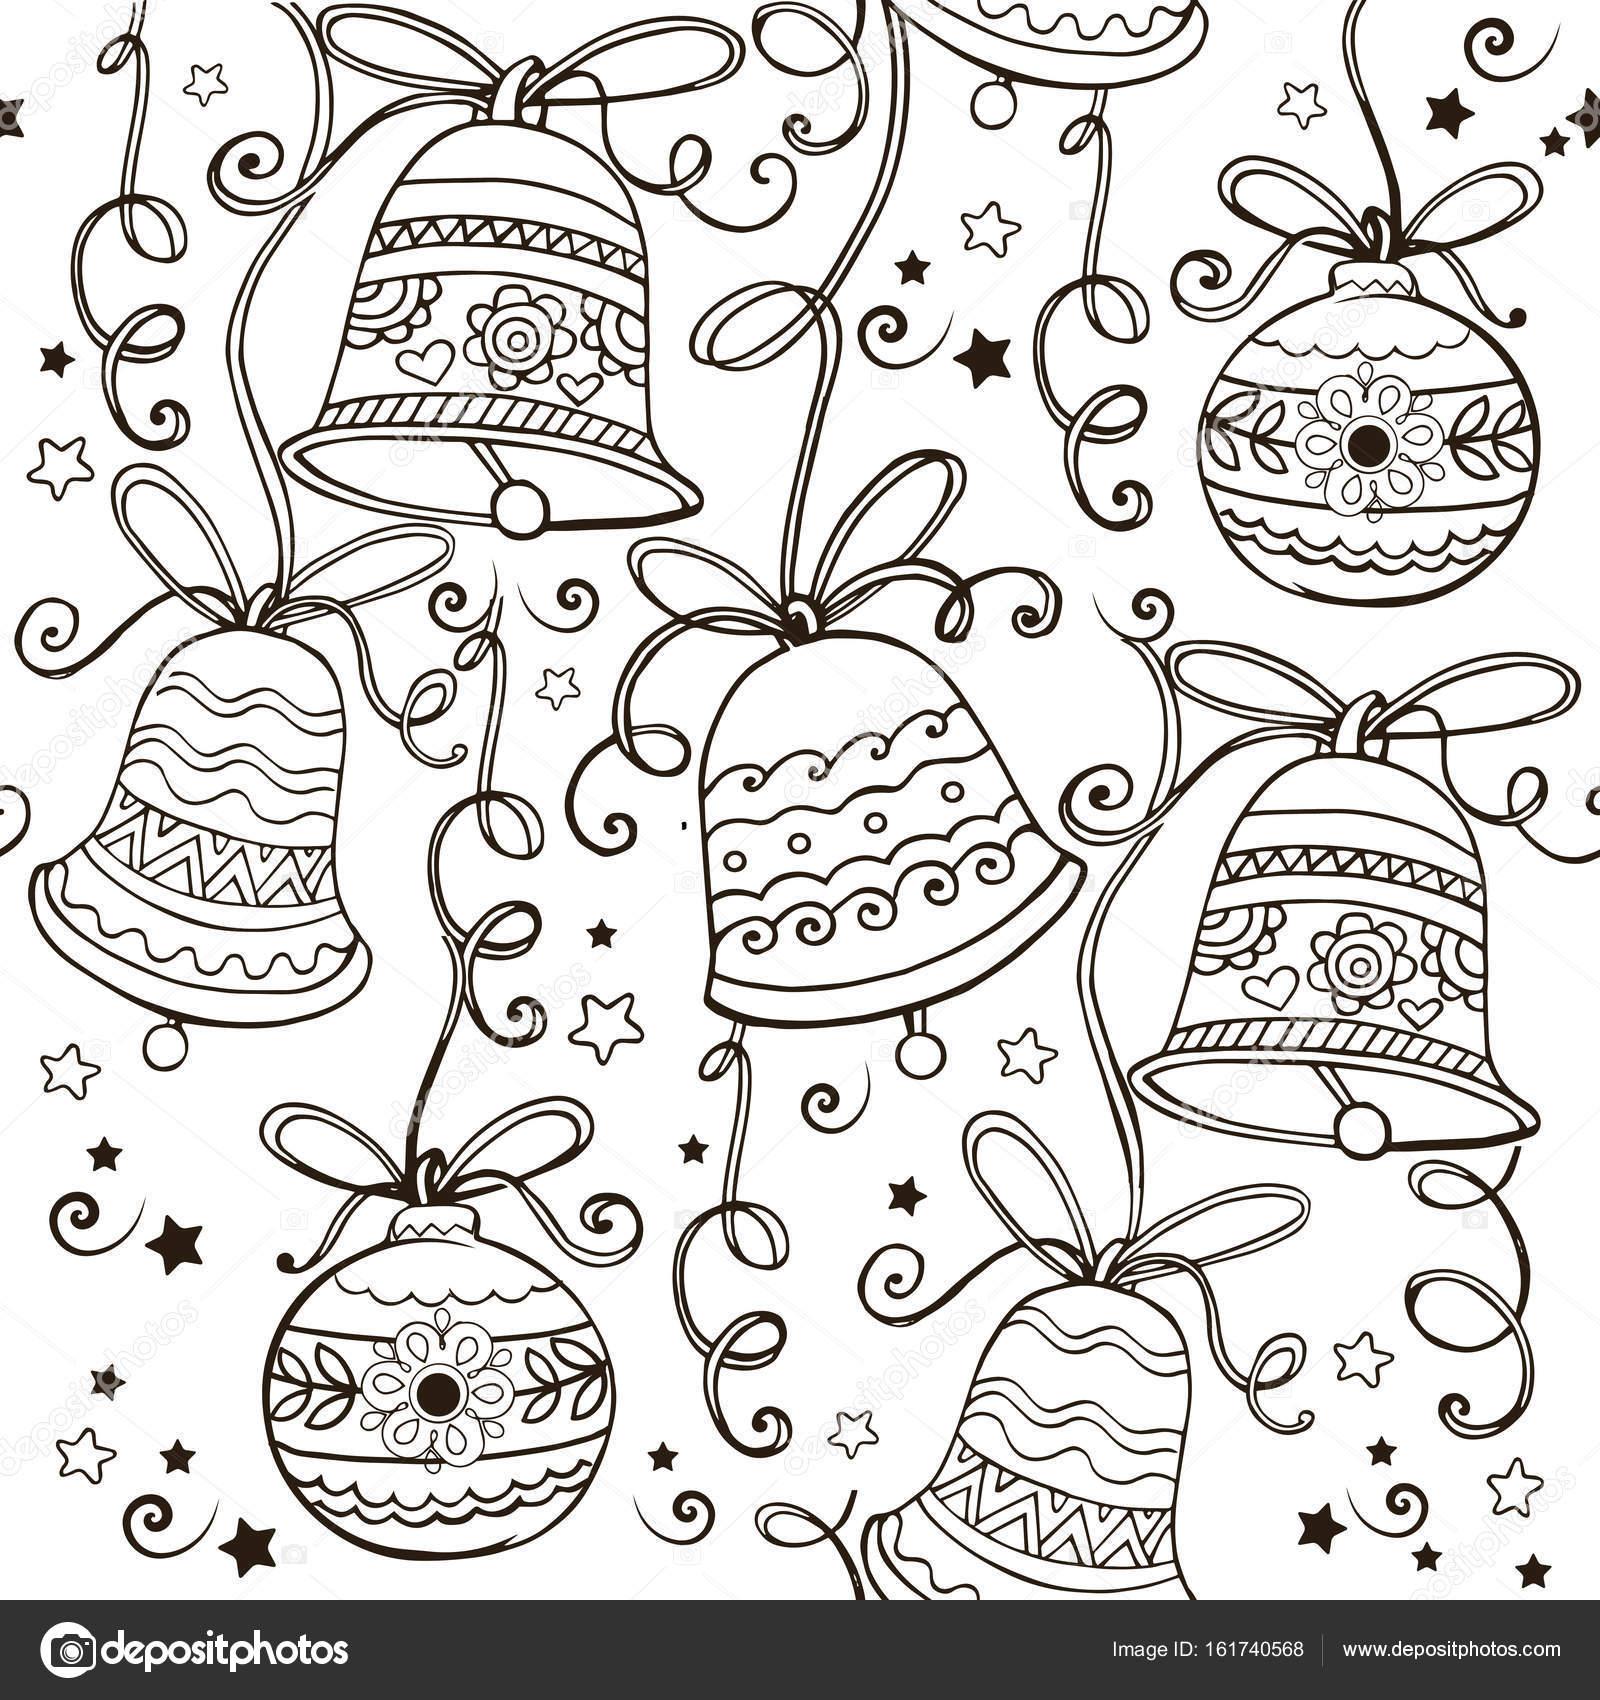 Handgezeichnete Ornament Mit Weihnachtsglocken Für Den Anti Stress